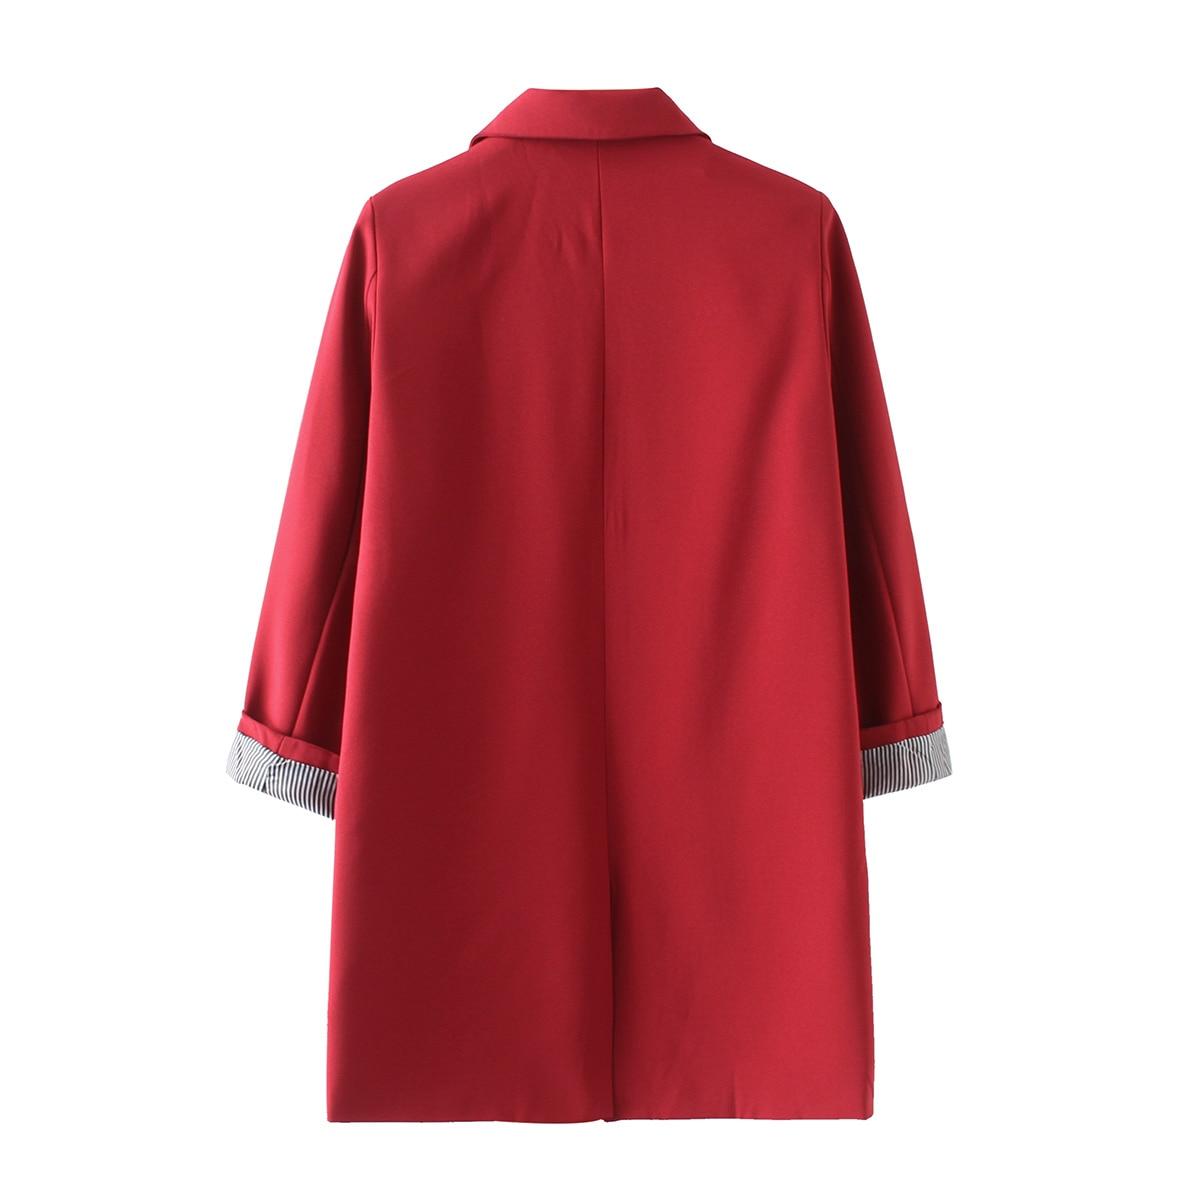 HStar autumn winter women full sleeves casual Blazer ladies plus size outwears single breasted long blazer jacket